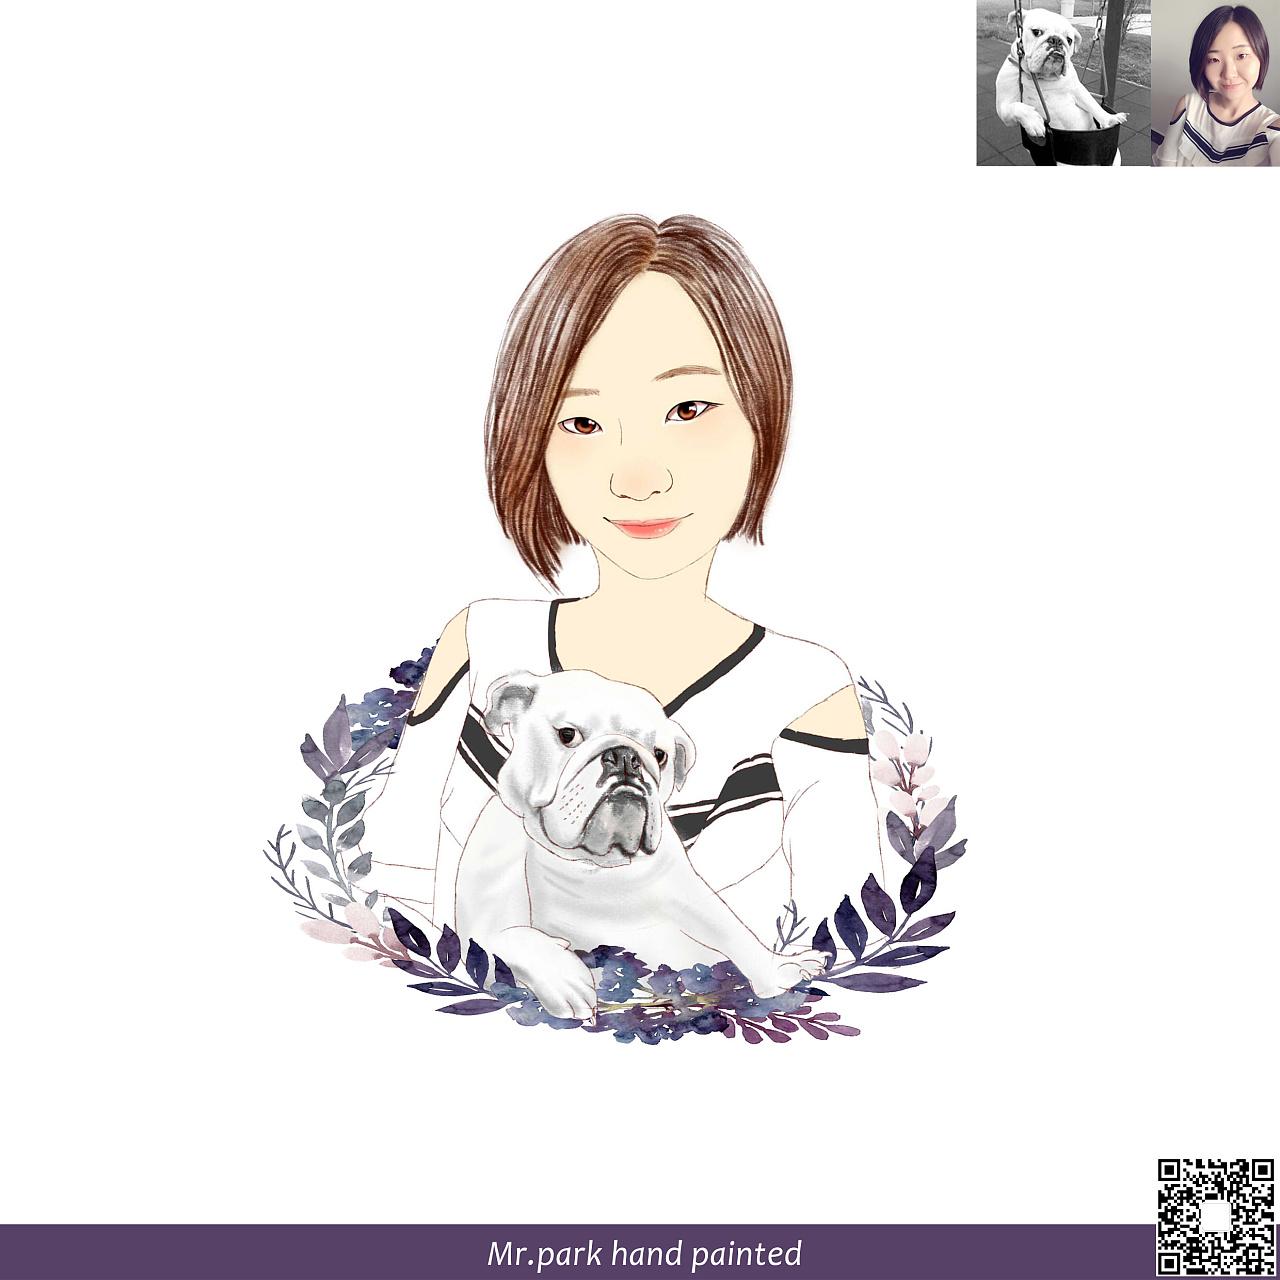 人物肖像/照片转手绘/手绘画像/微信头像/q版漫画